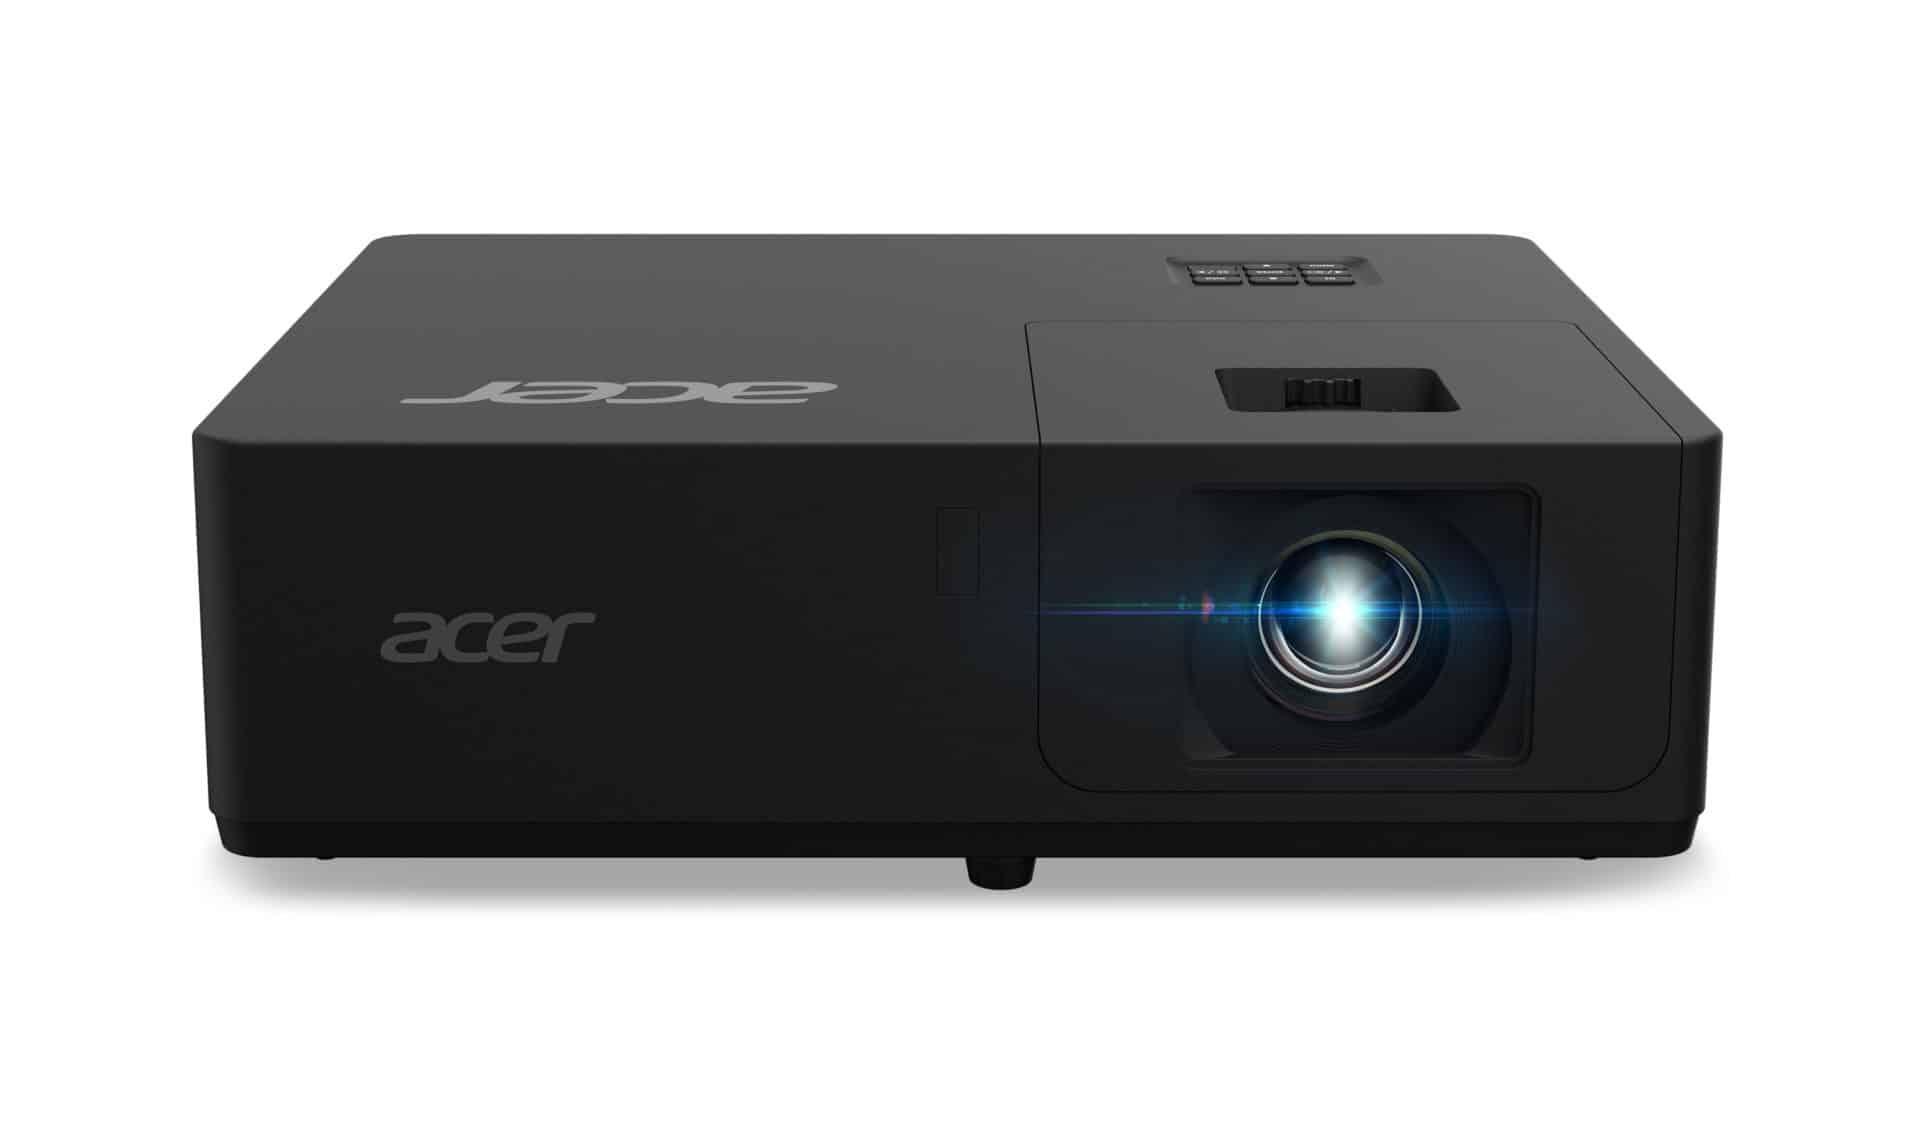 Acer představuje laserové projektory pro náročné nasazení: IFA 2018